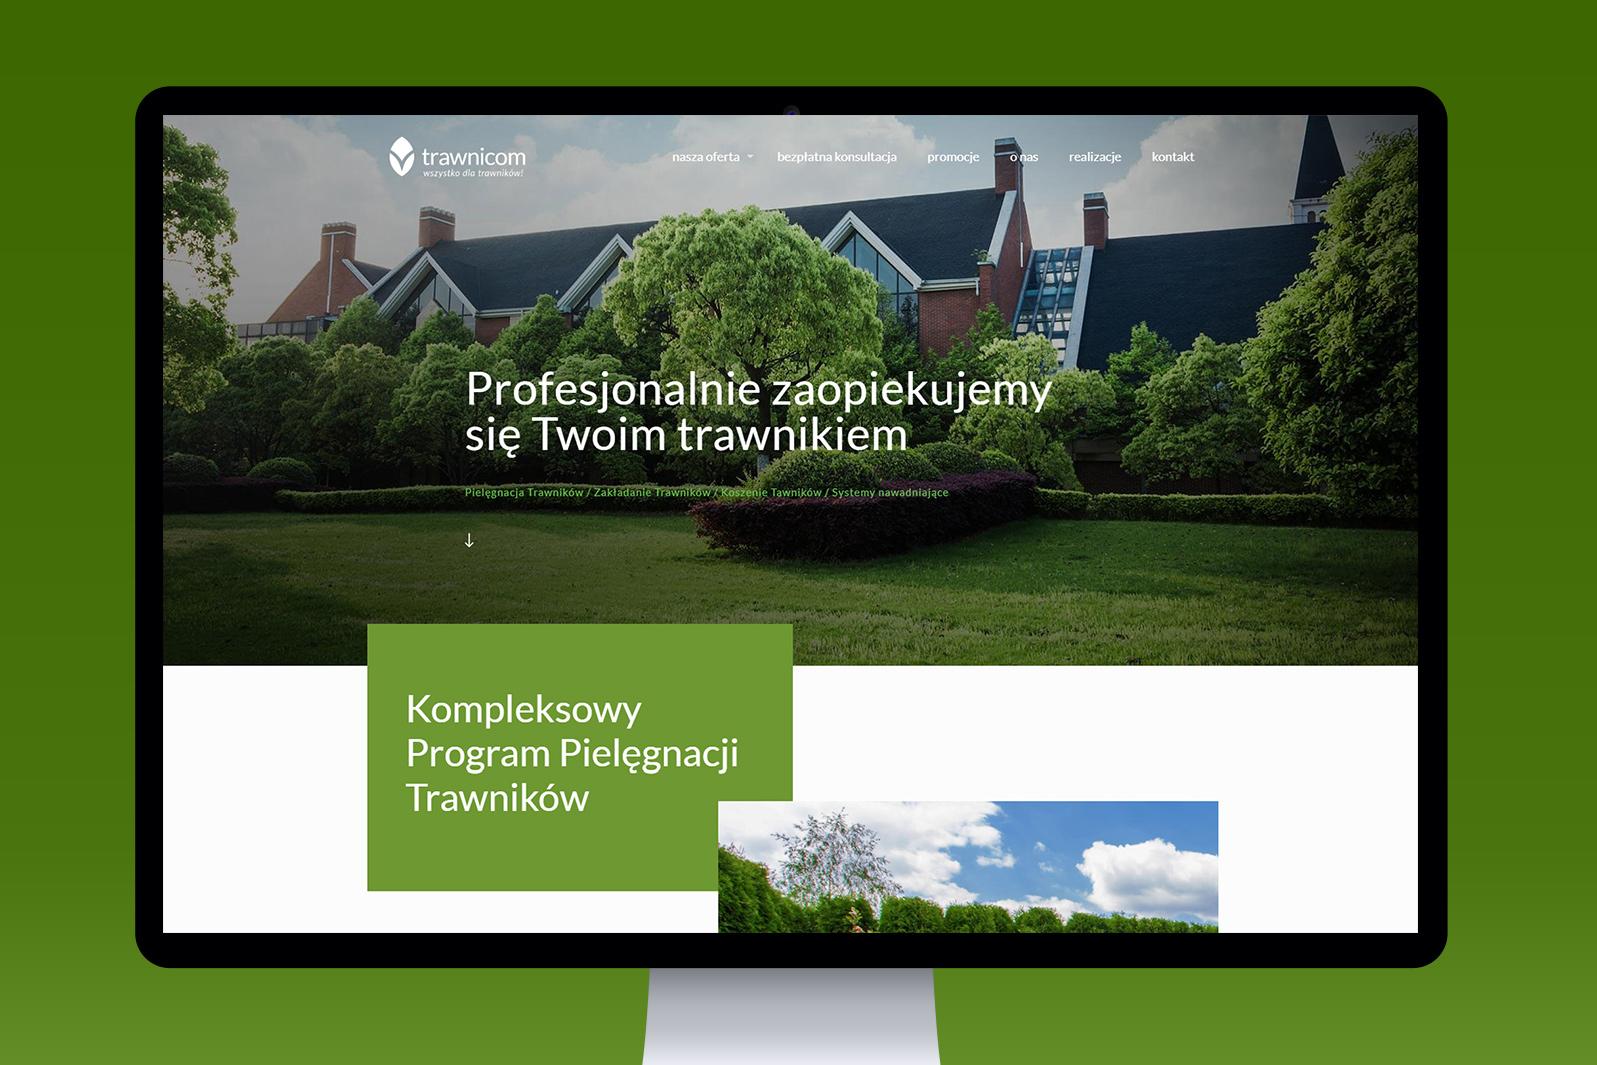 Projekt iwdrożenie responsywnej strony internetowej dla firmy ogrodniczej Trawnicom